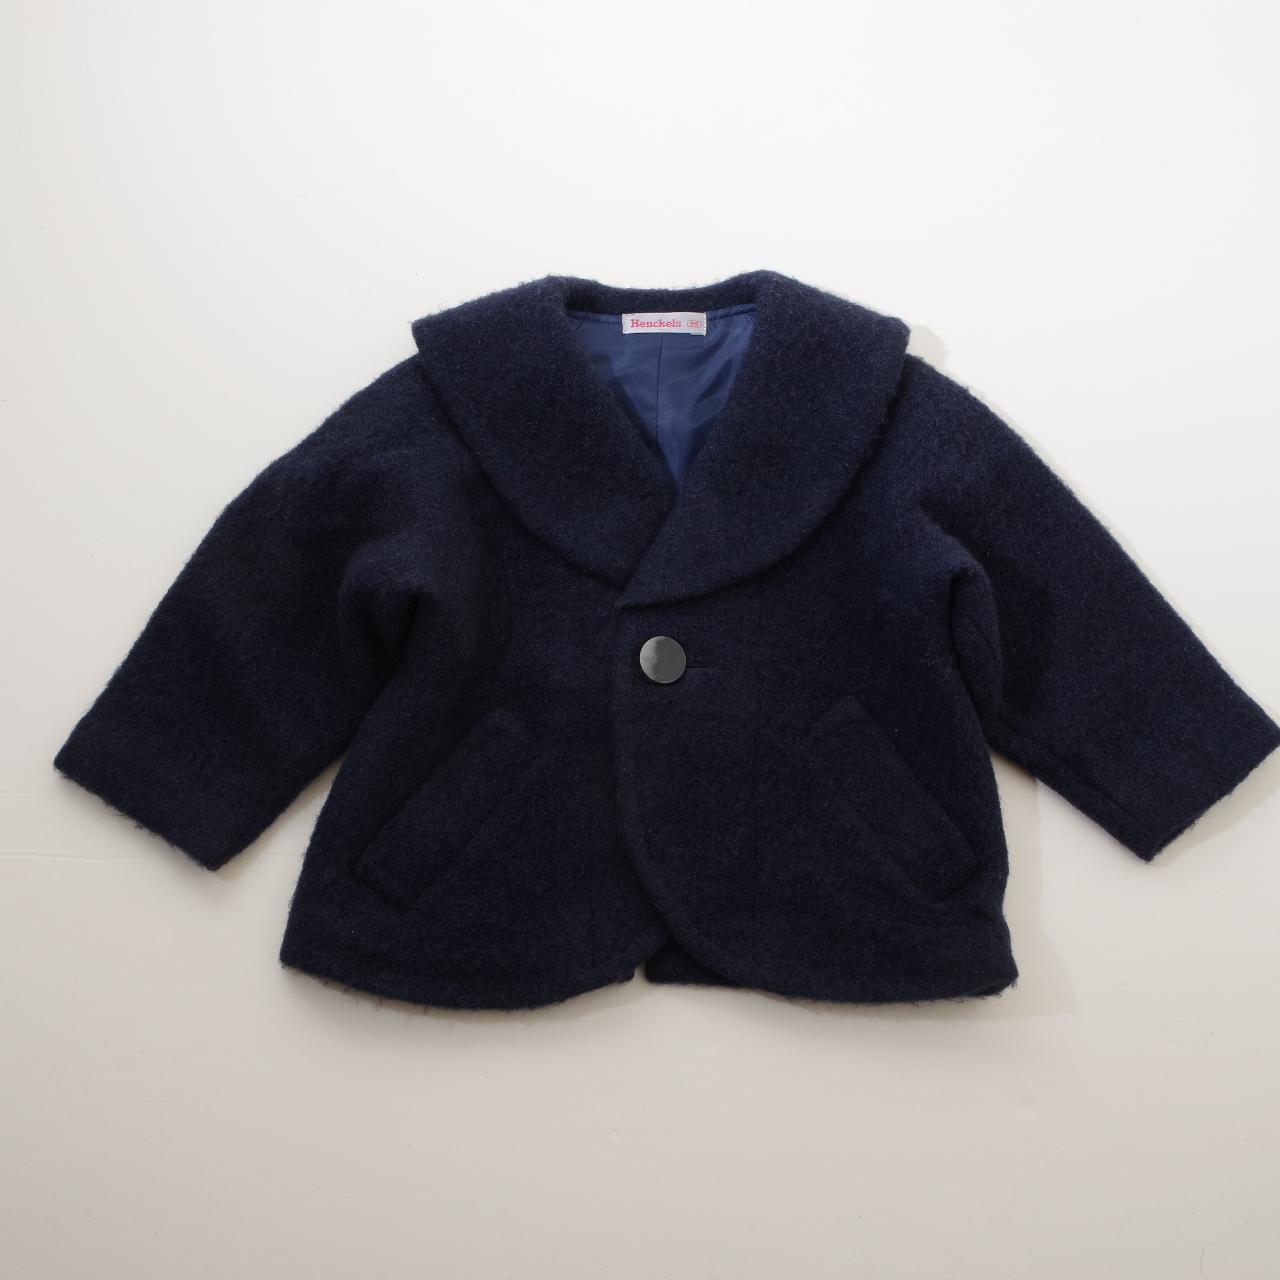 日本製 ヘンケルの紺のコート 95cm  (1612-2921)